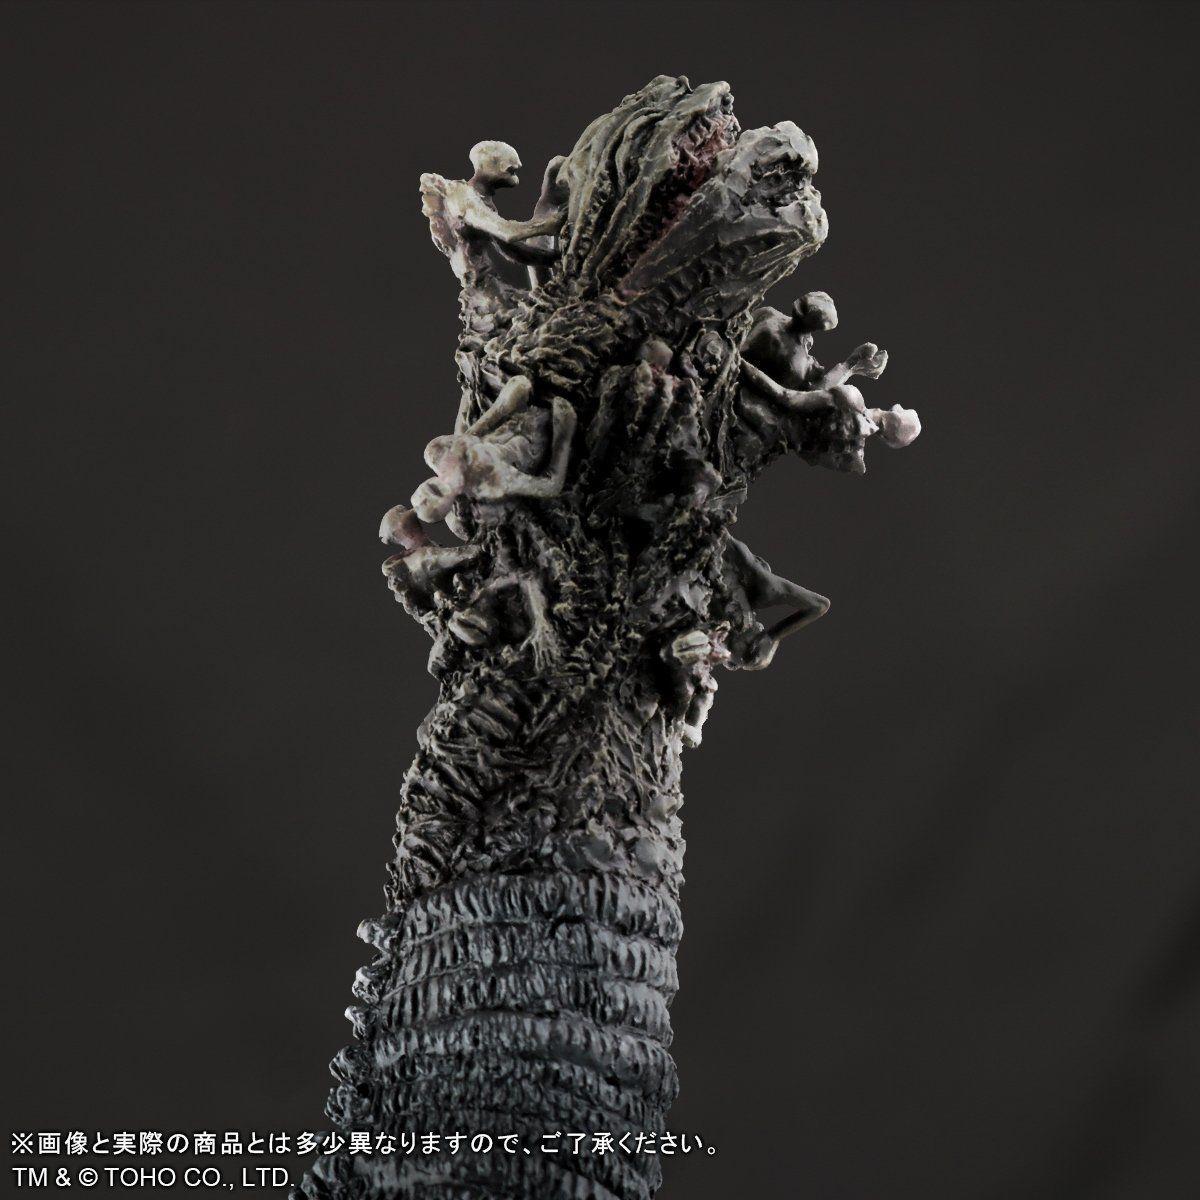 東宝大怪獣シリーズ『ゴジラ(2016)凍結Ver.』シン・ゴジラ 完成品フィギュア-008